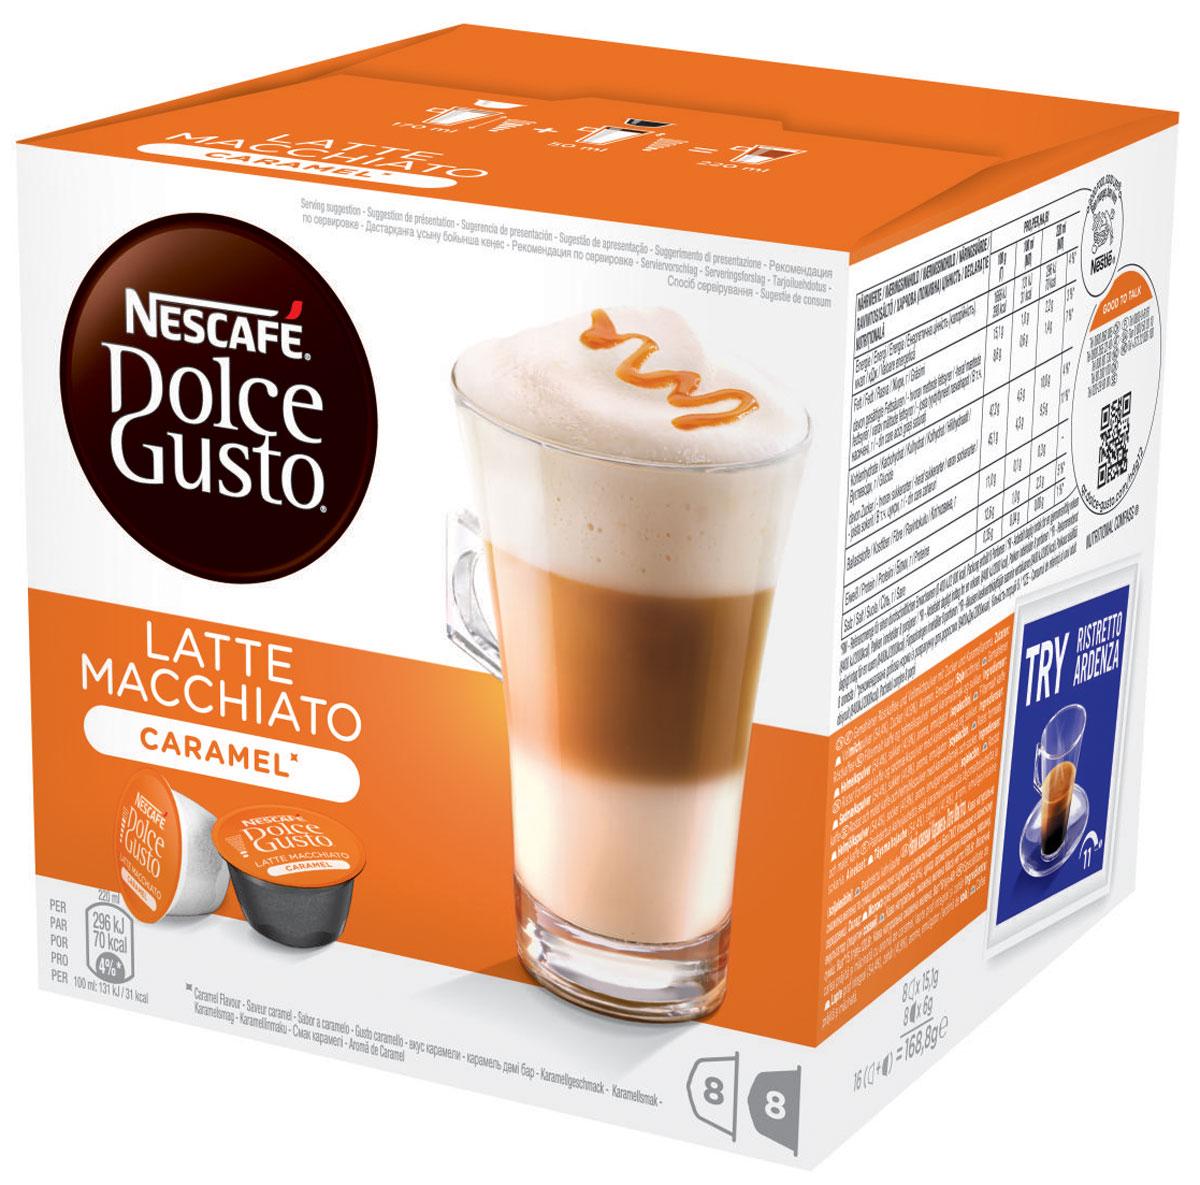 Nescafe Dolce Gusto Latte Macchiato со вкусом карамели кофе в капсулах, 16 шт12136960Nescafe Dolce Gusto Latte Macchiato со вкусом карамели - это утонченный кофейный напиток. Терпкий вкус распределяется через пропитанное карамелью молоко, создавая необычайно мягкий сладкий напиток, который мог быть создан только руками бариста.Увенчанный короной из снежной пены, этот капсульный латте имеет классические карамельные нотки, что делает его идеальным напитком для любителей сладкого кофе. Стильный вид и украшение в виде пятнышка кофе – этот латте исключительно подходит для получения удовольствия в любое время дня. Его легко приготовить, сохранив качество напитка, аналогичное кофейне.В состав входят: 8 кофейных капсул8 молочных капсул